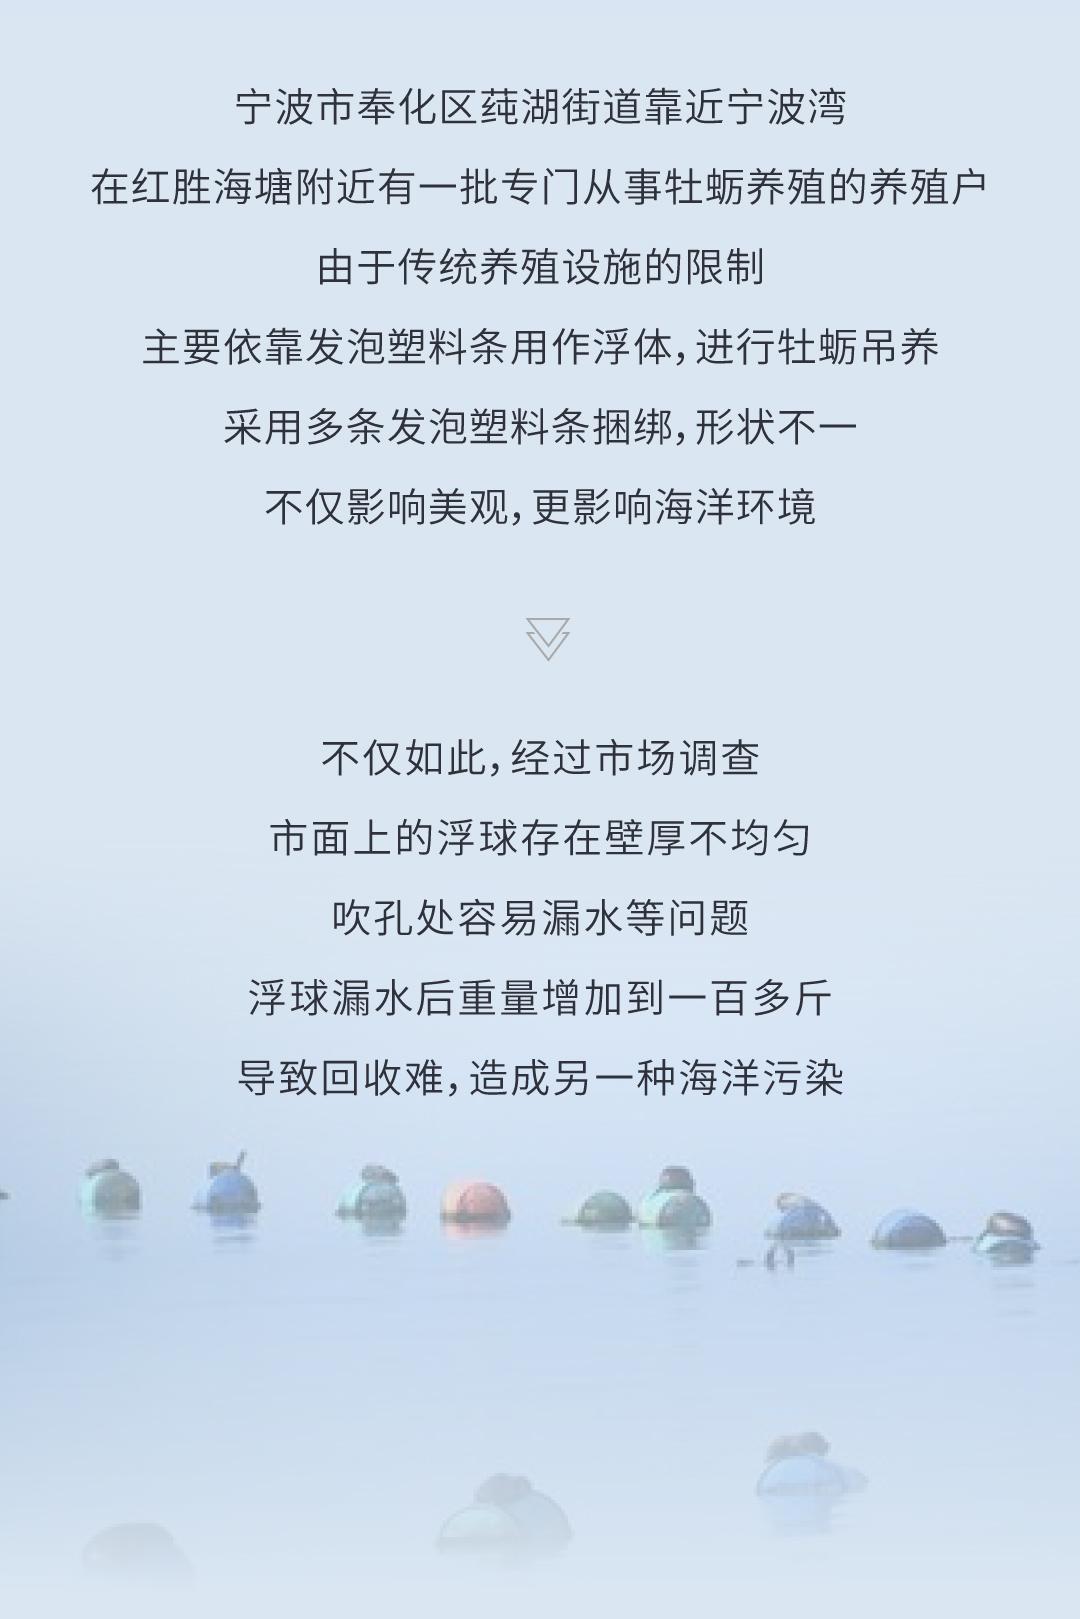 牡蛎养殖微推—9.8_02.jpg